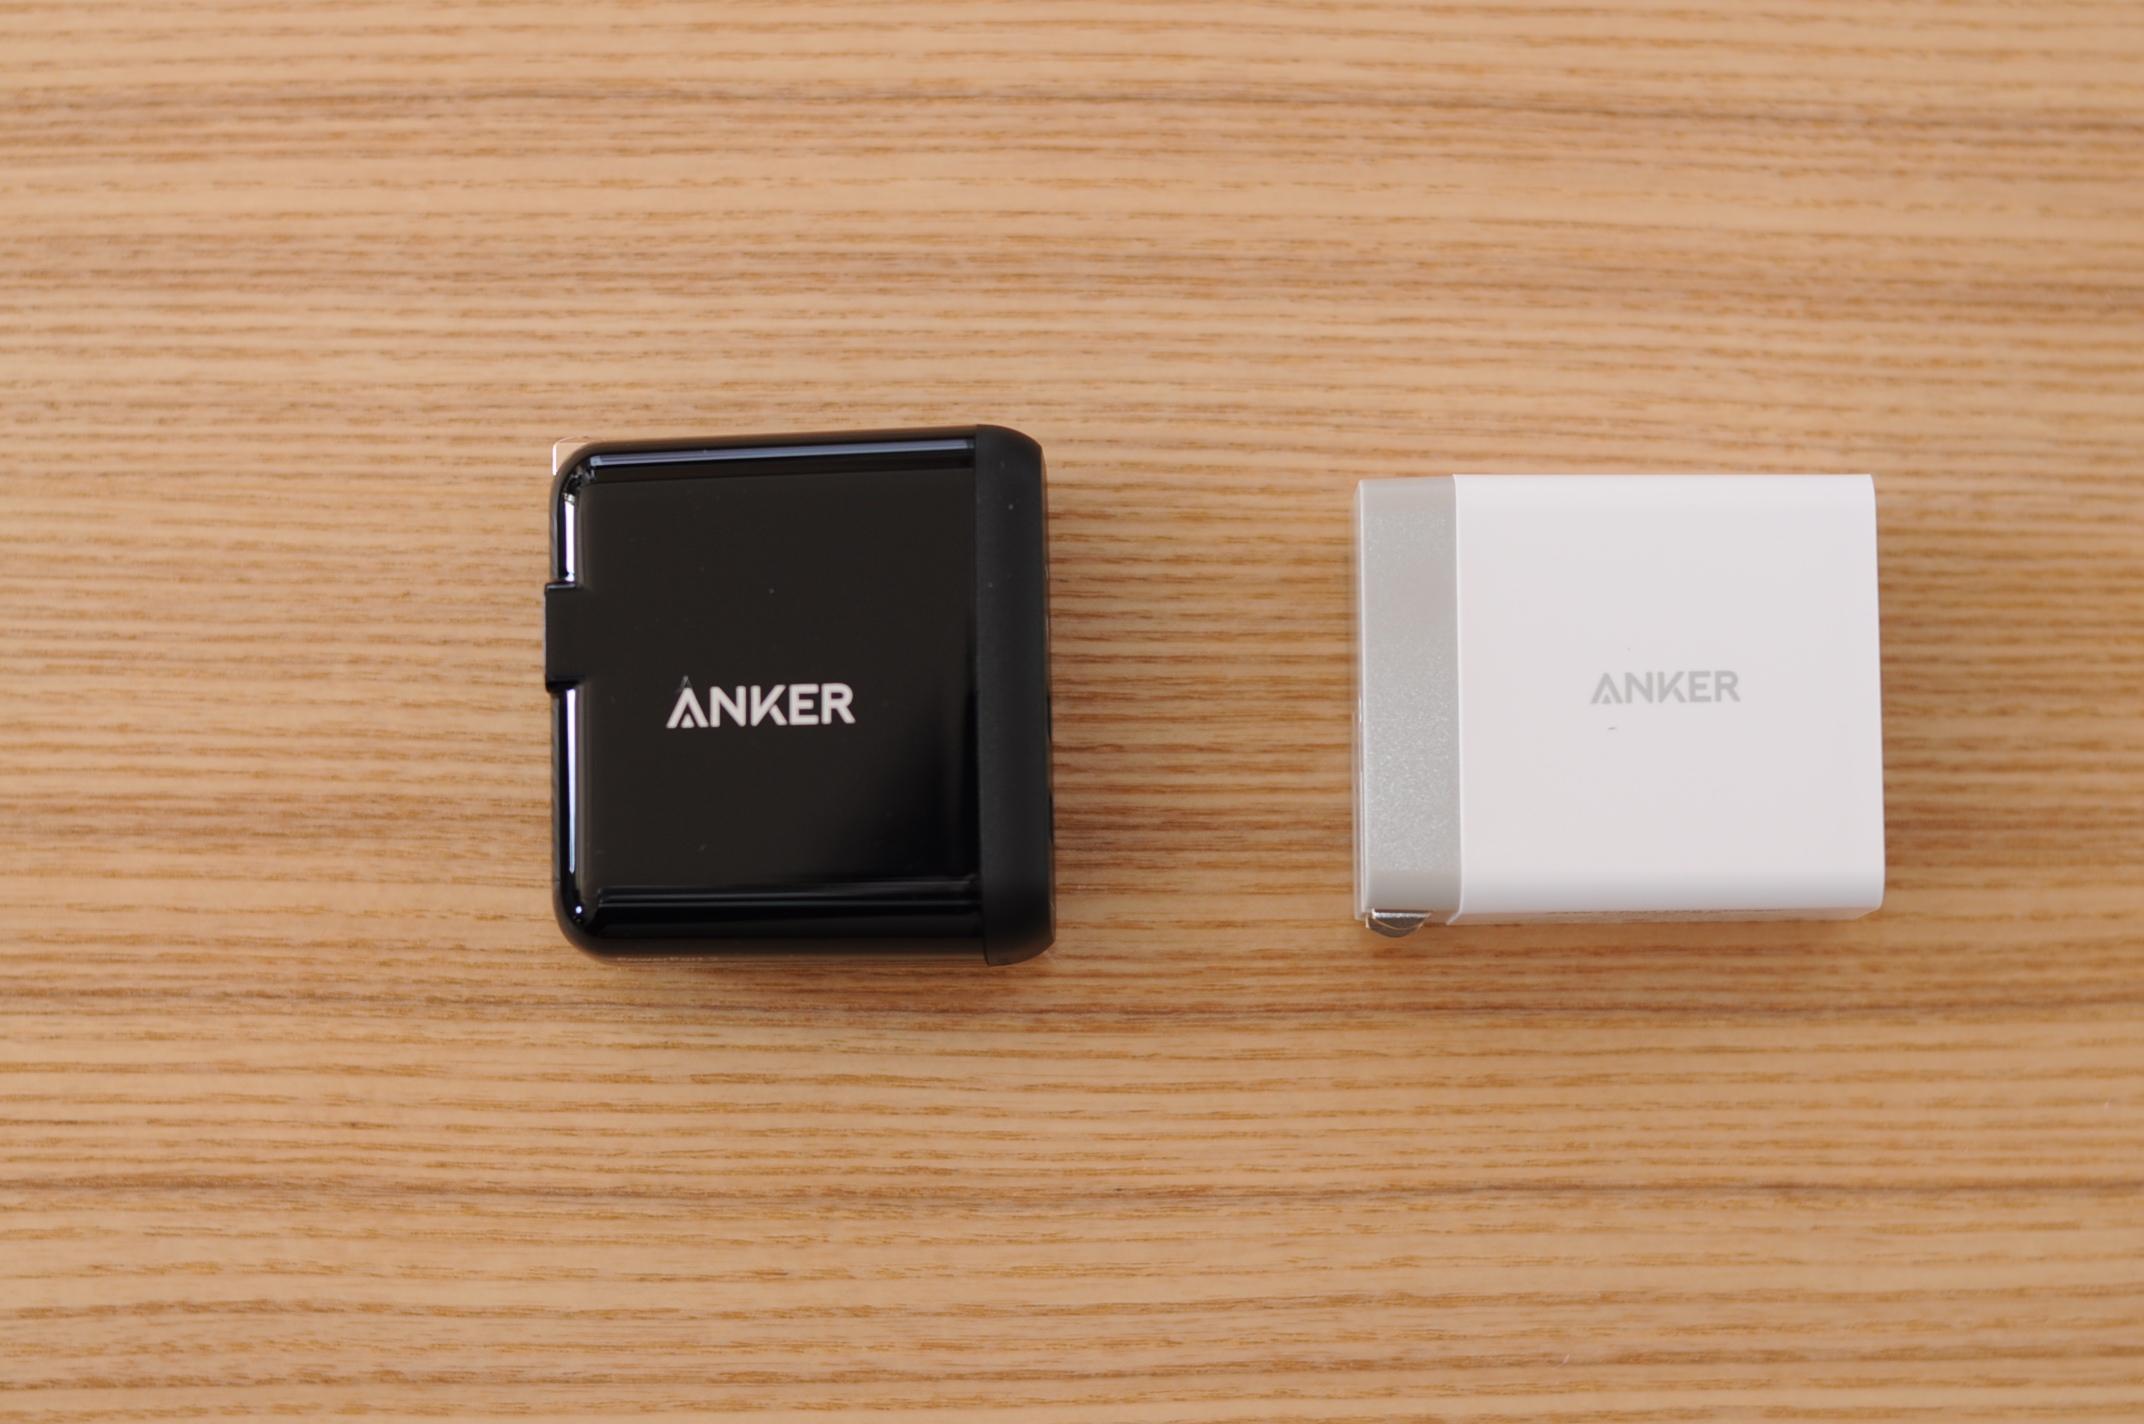 どれを選べば良いのか?Anker の 2ポートUSB急速充電器を二種類買ってみてわかった事。オススメはこっちだ!